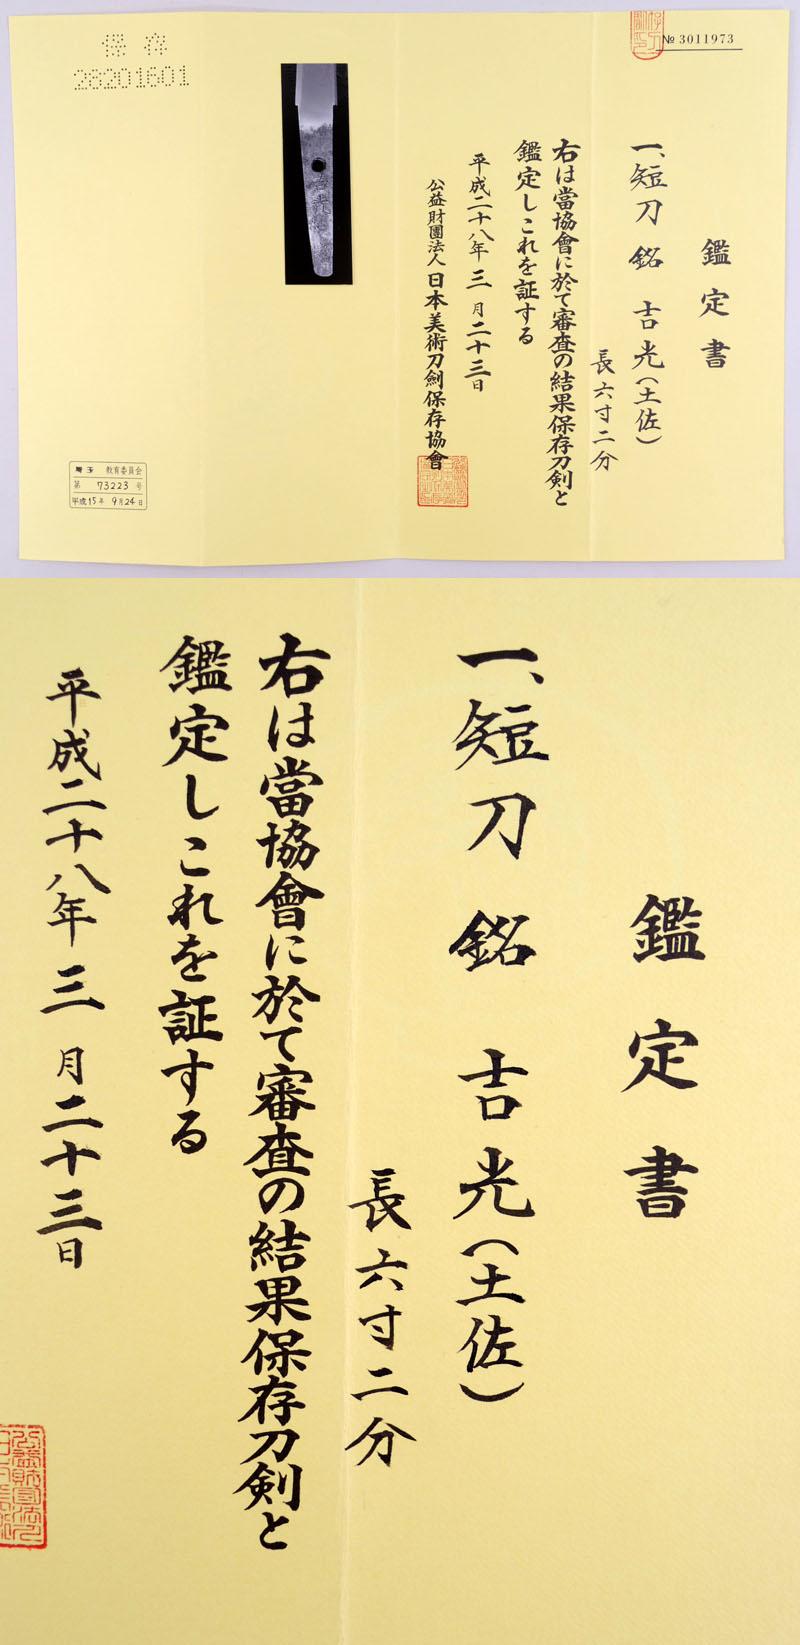 吉光(土佐) Picture of Certificate